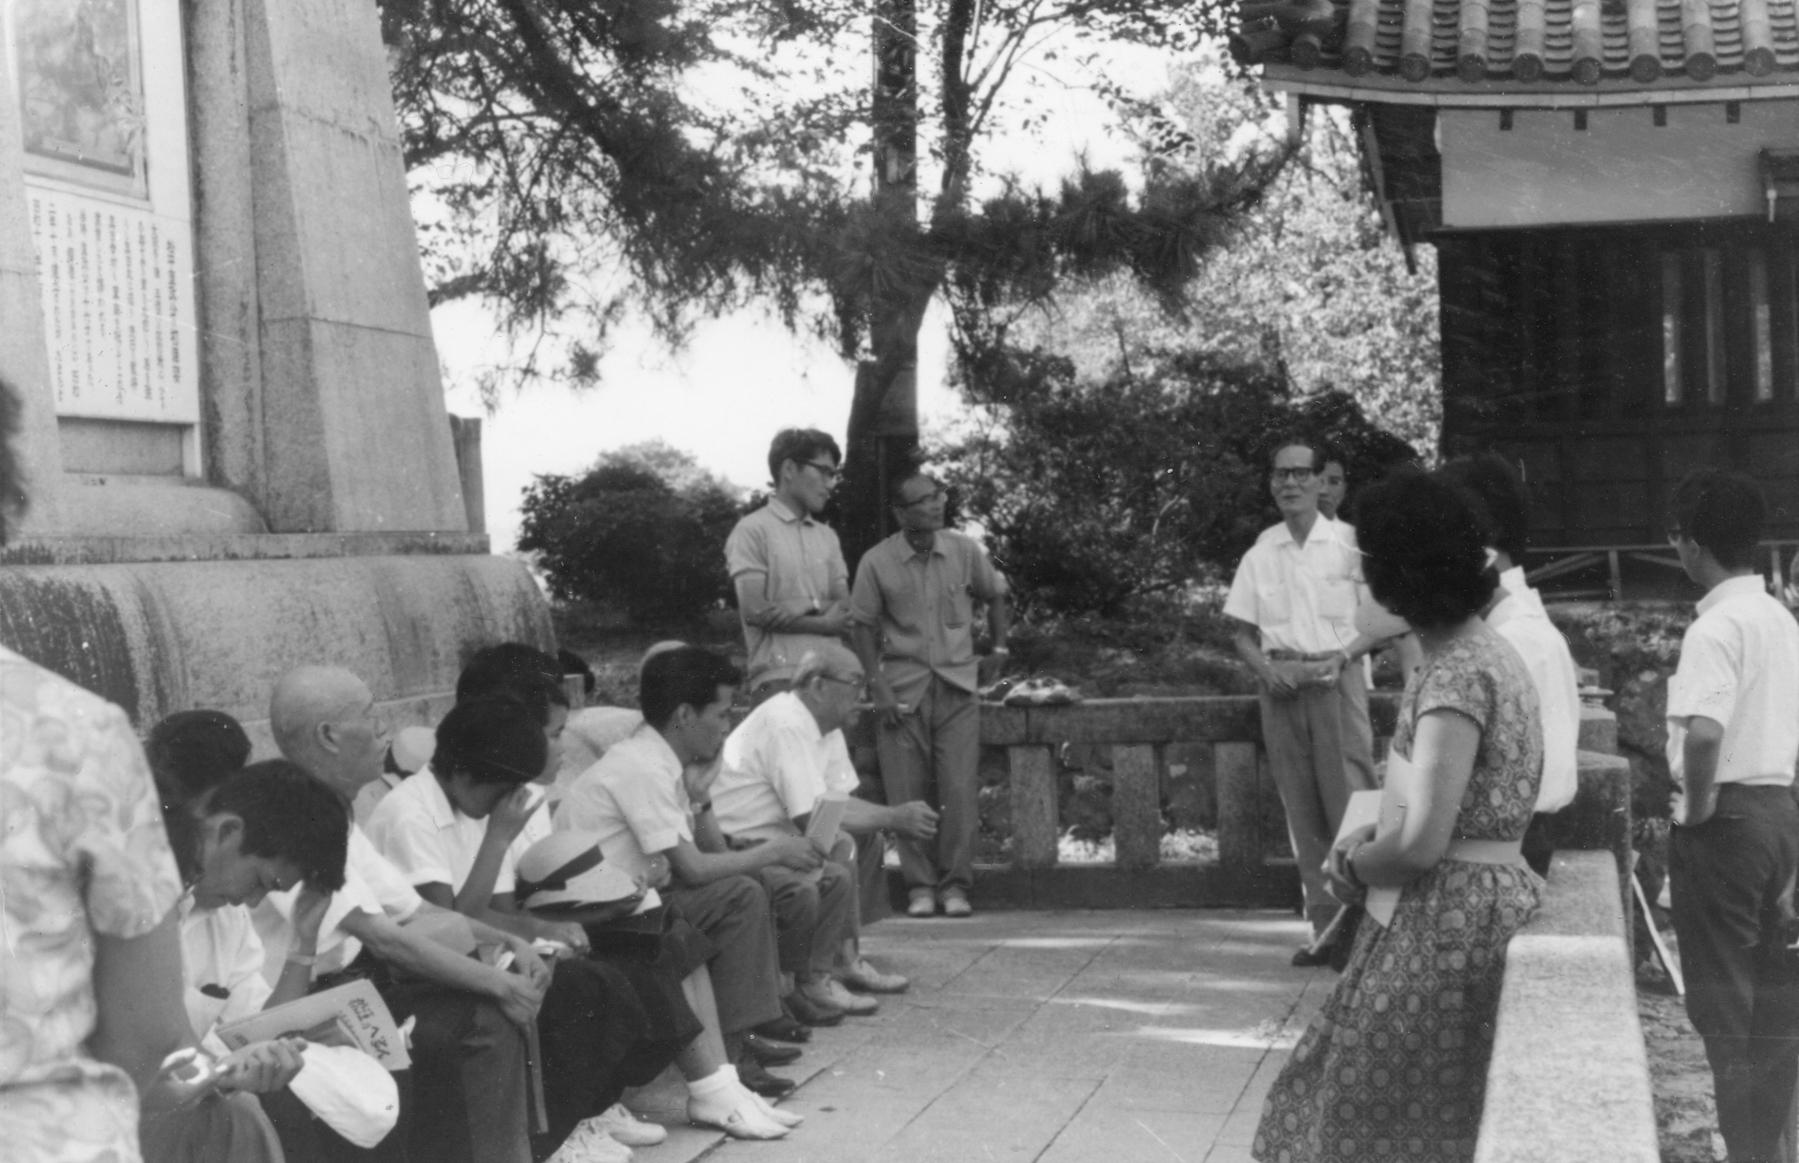 へるんサマースクール(1965年8月、松江城本丸)